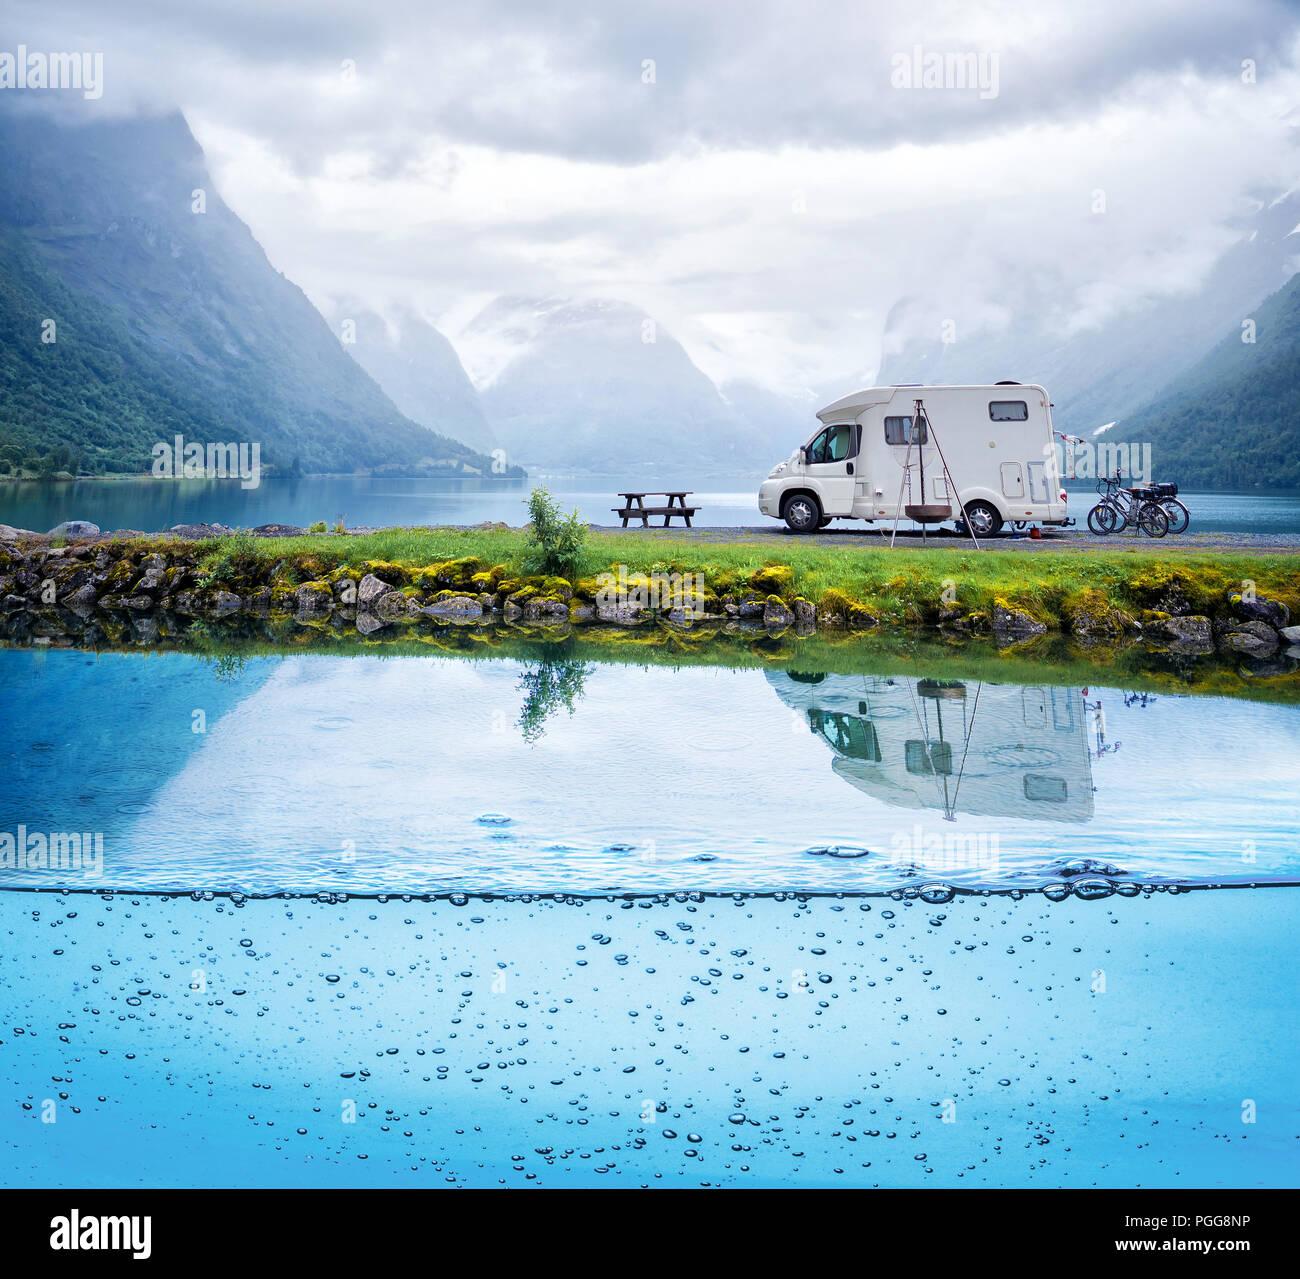 Family Vacation Travel RV, viaje de vacaciones en autocaravana, caravana alquiler de vacaciones. Hermosa naturaleza noruega paisaje natural. Imagen De Stock